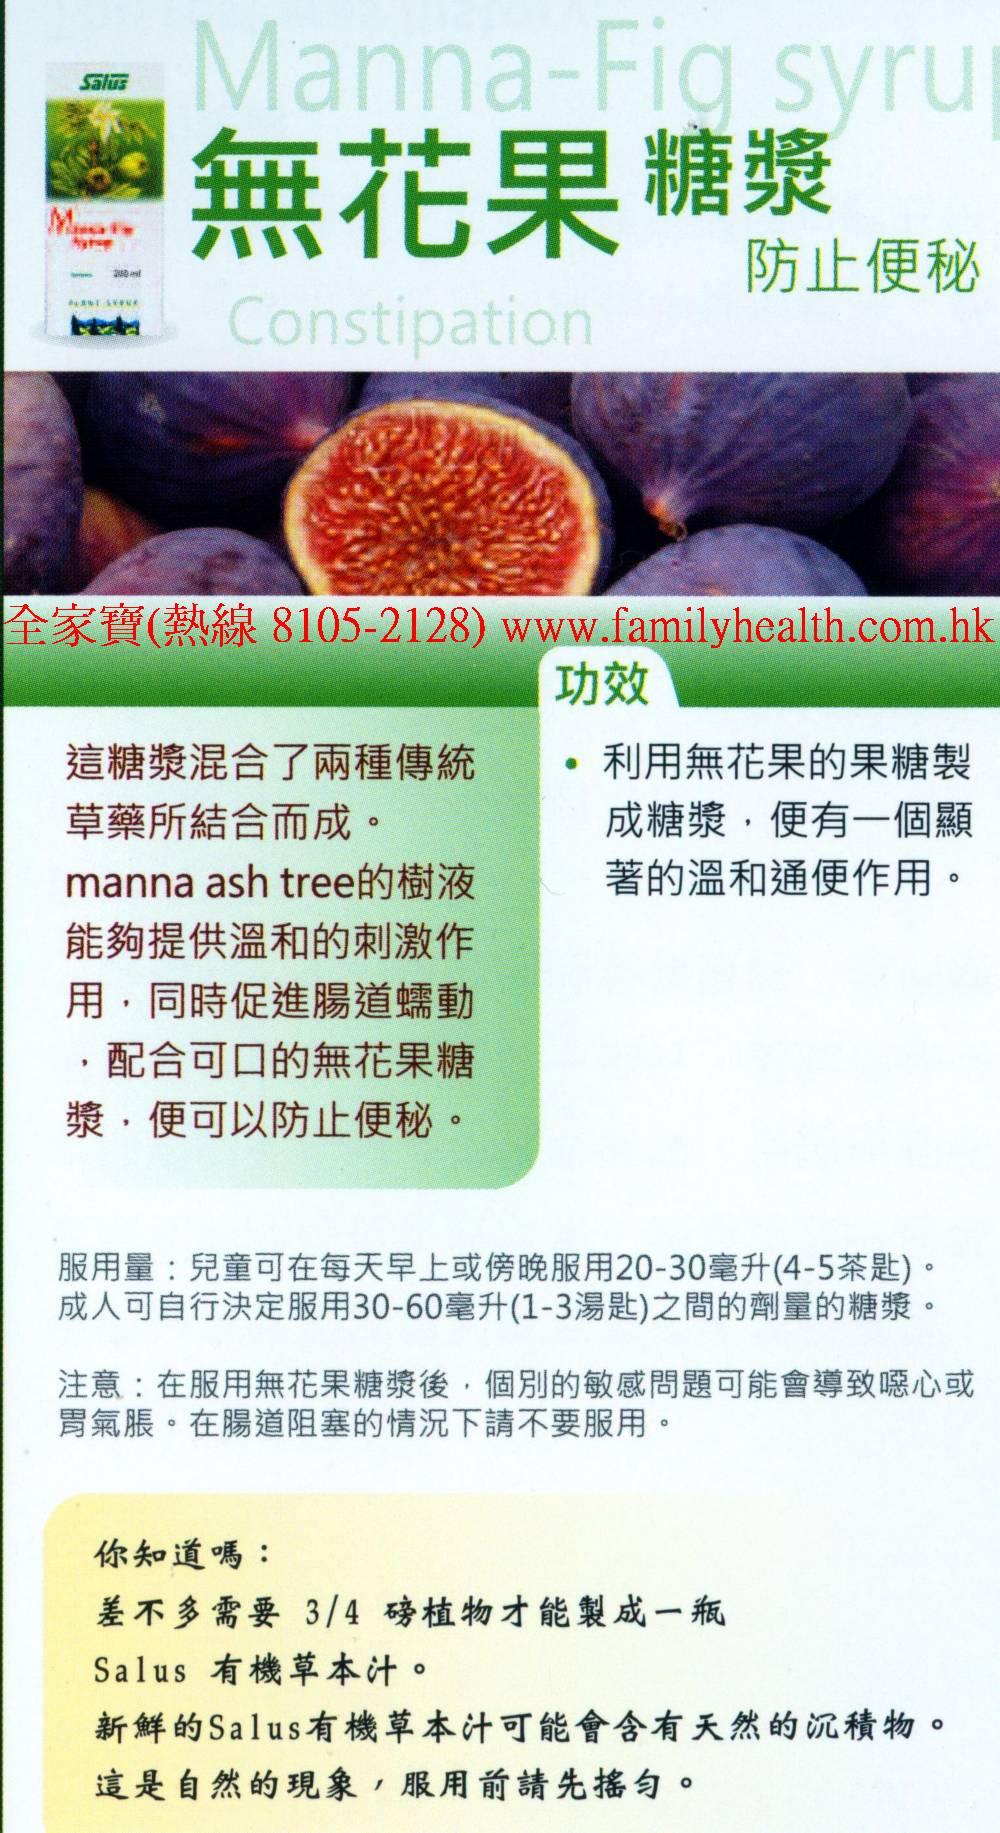 http://www.familyhealth.com.hk/files/full/203_1.jpg